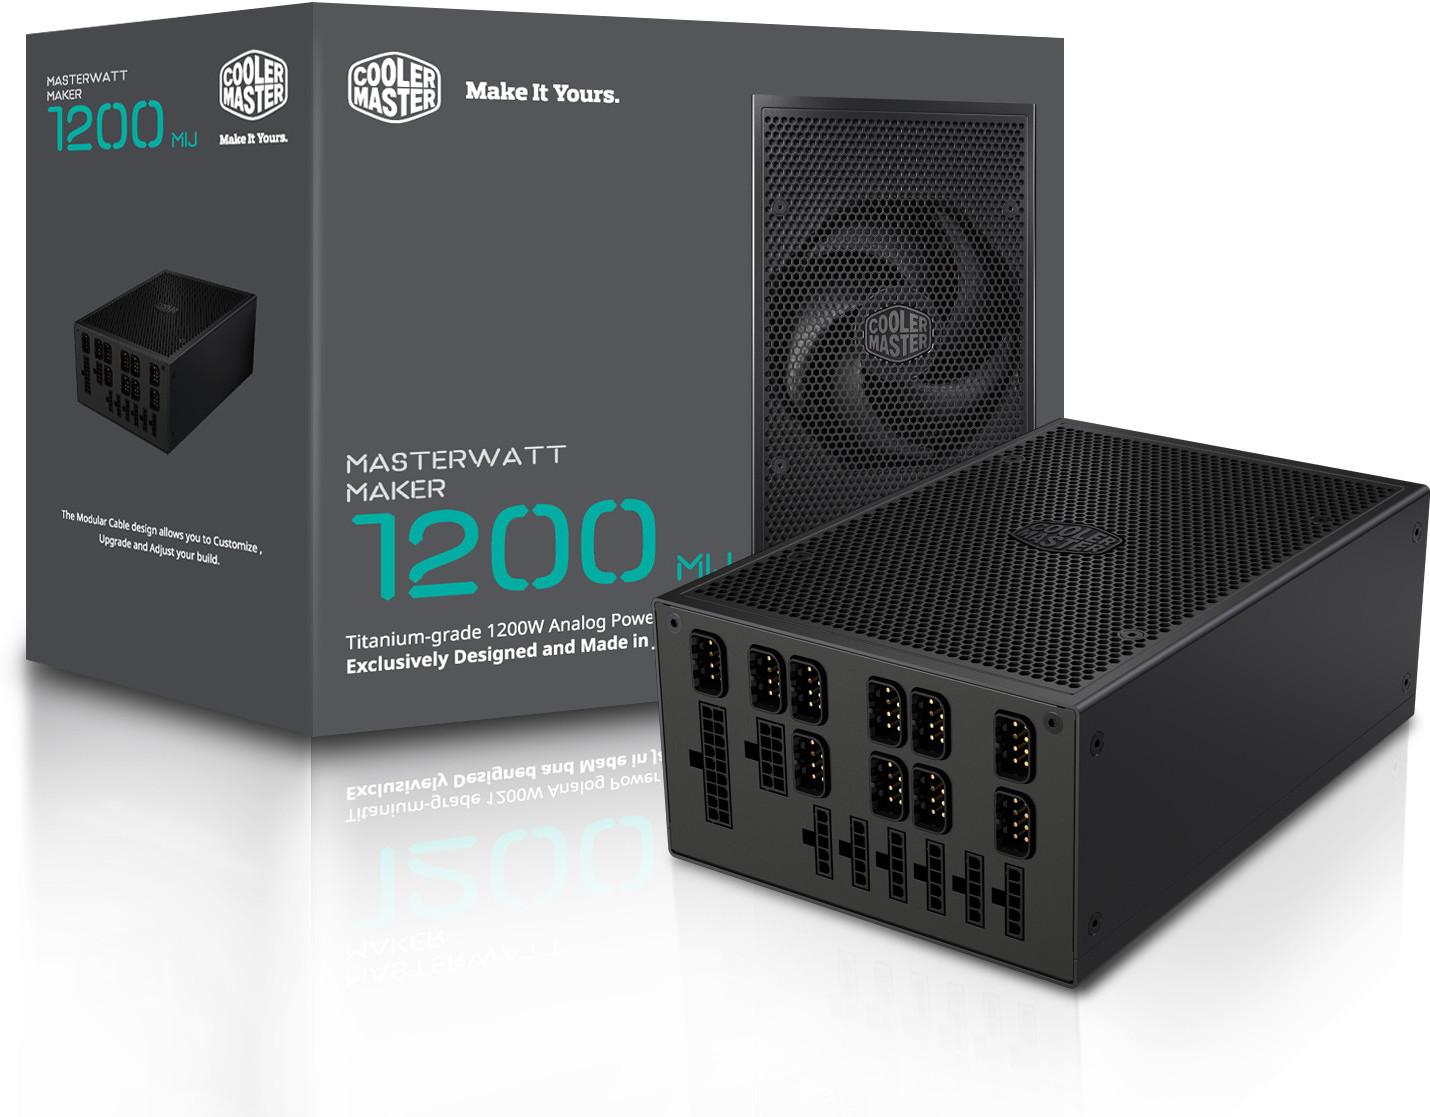 Cooler Master anuncia la fuente de alimentación MasterWatt Maker 1200 MIJ